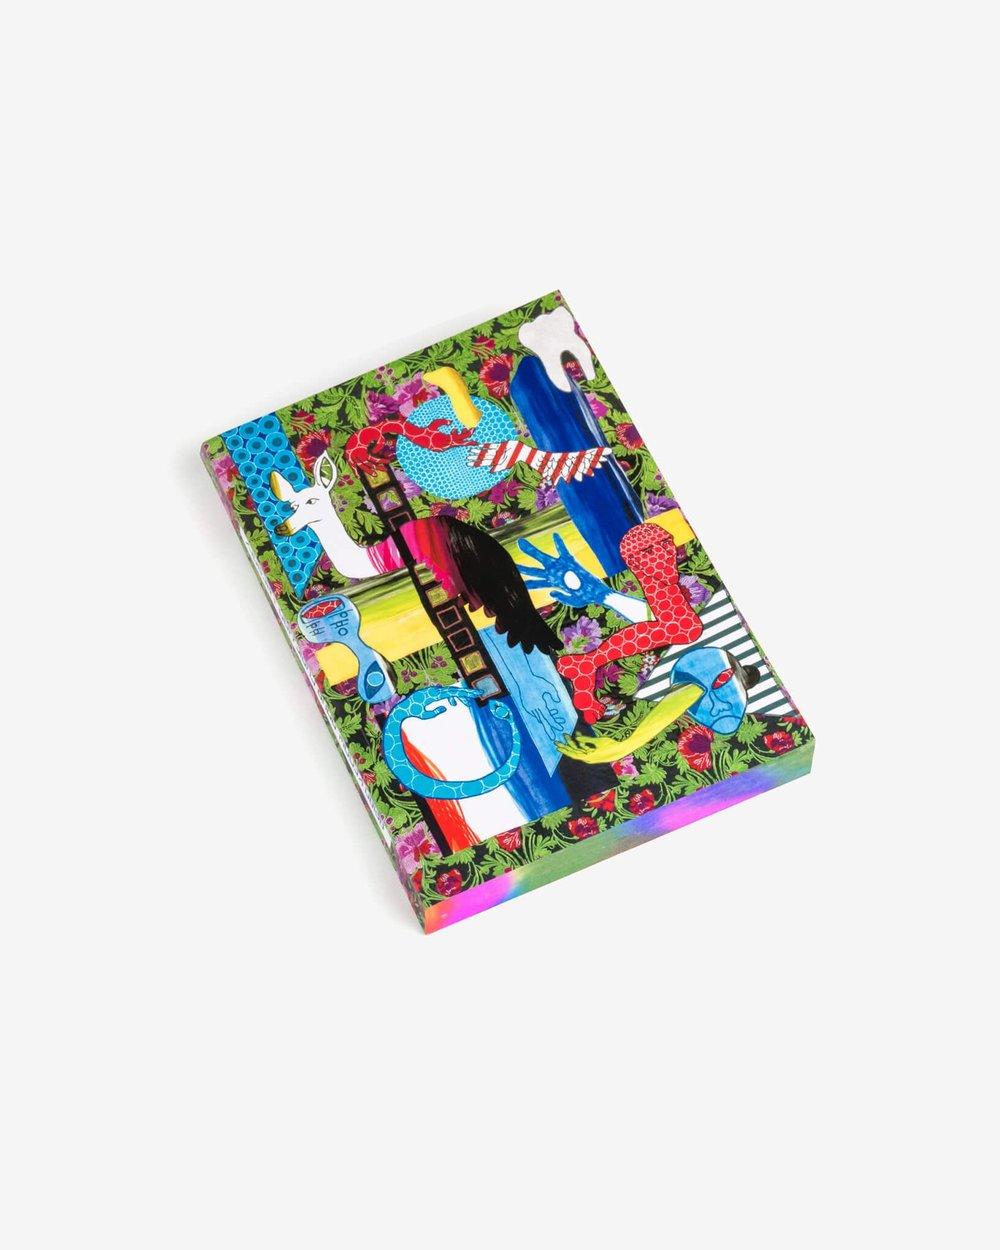 lacroix_30_ans_cl_x_bk_note_book_front_2.jpg